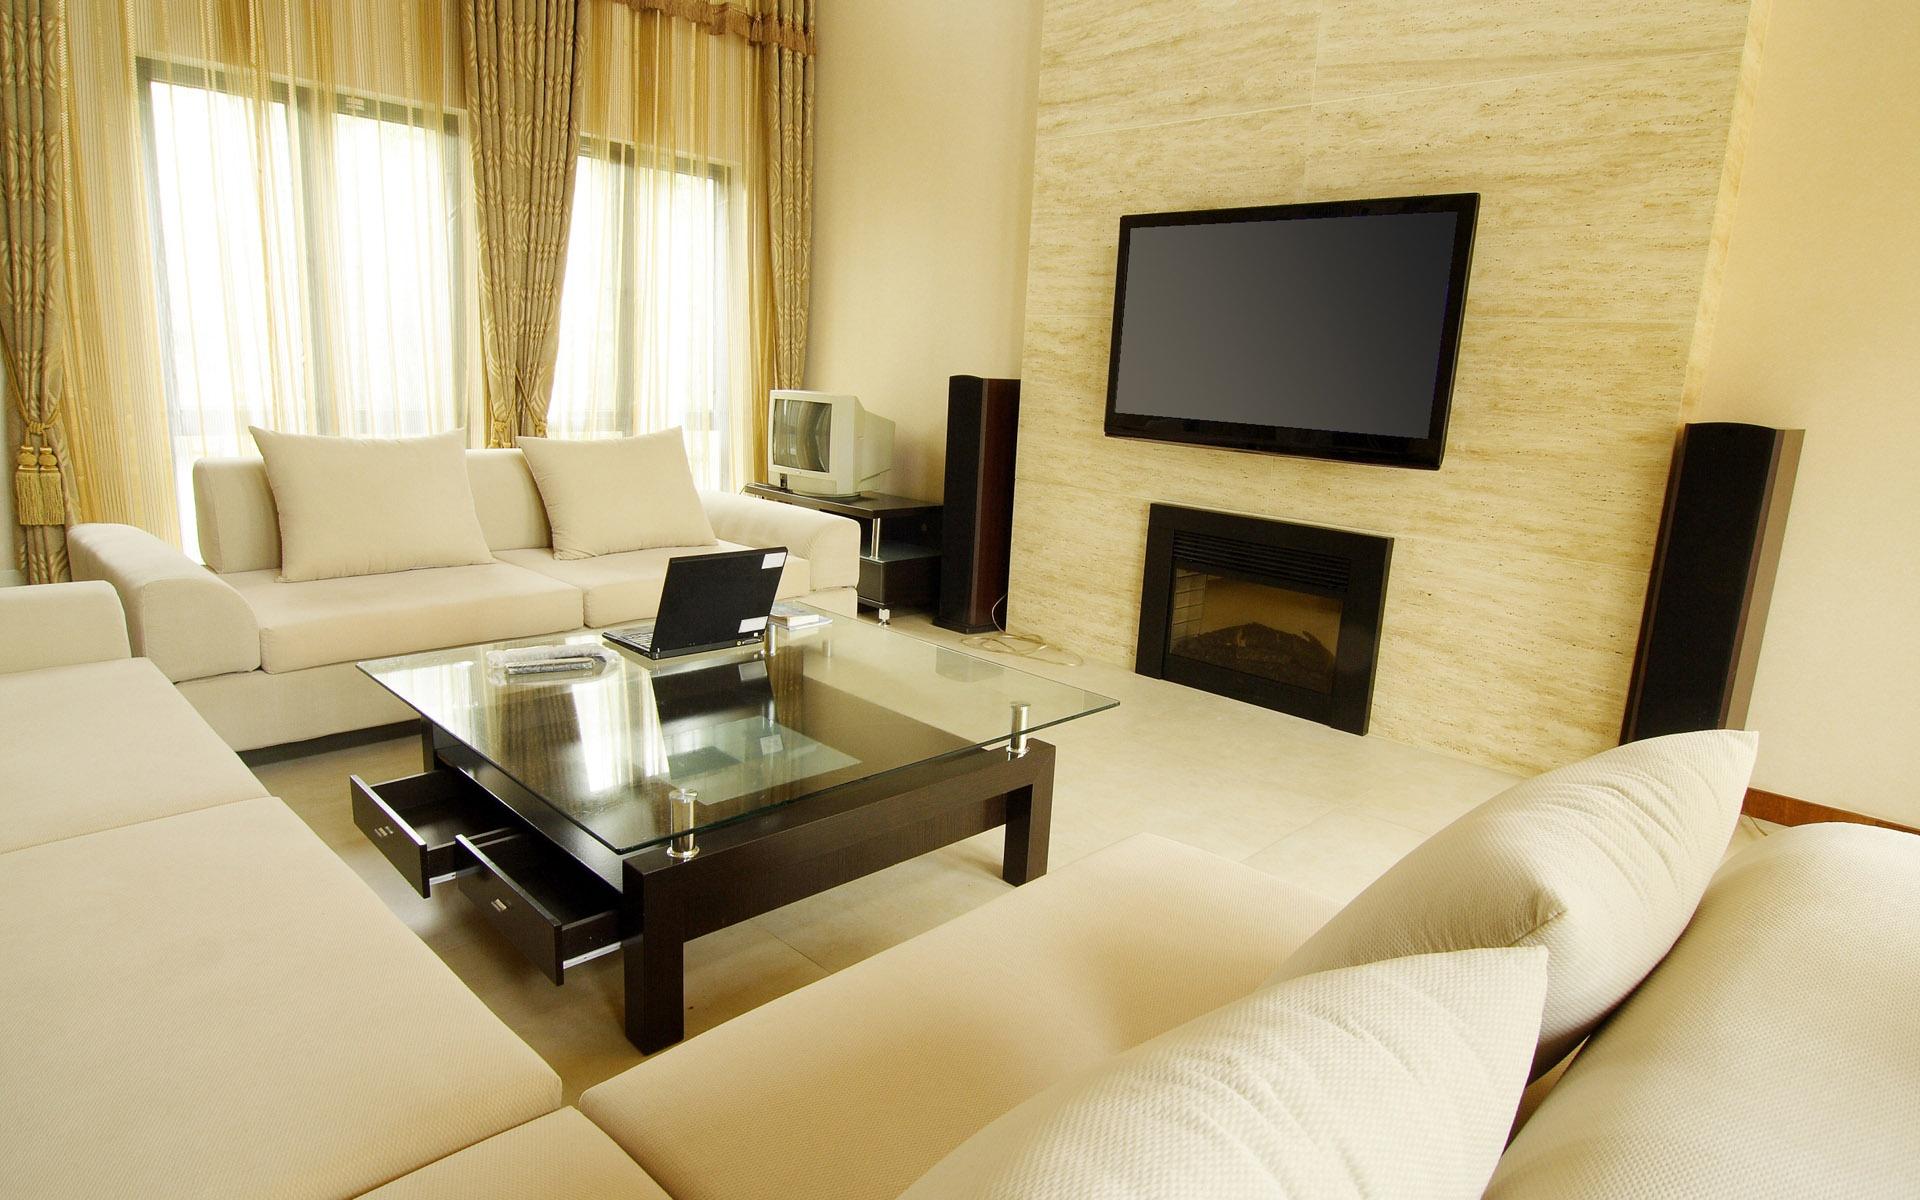 Только диван и телевизор дизайн